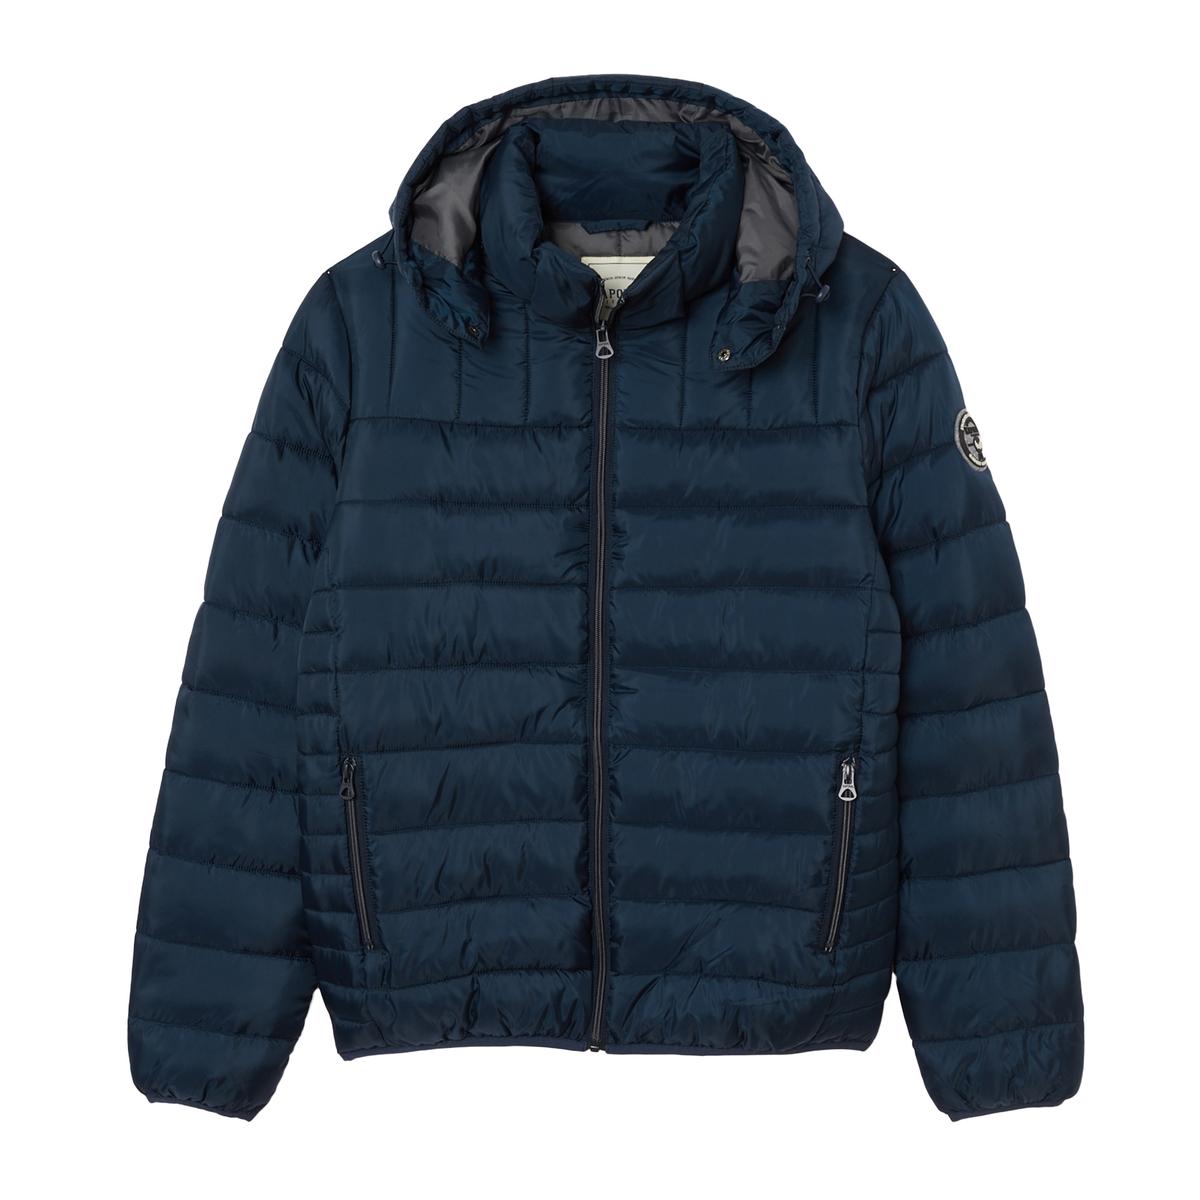 Куртка La Redoute Стеганая на молнии с капюшоном Meter XXL синий куртка la redoute стеганая на молнии с капюшоном meter xxl синий